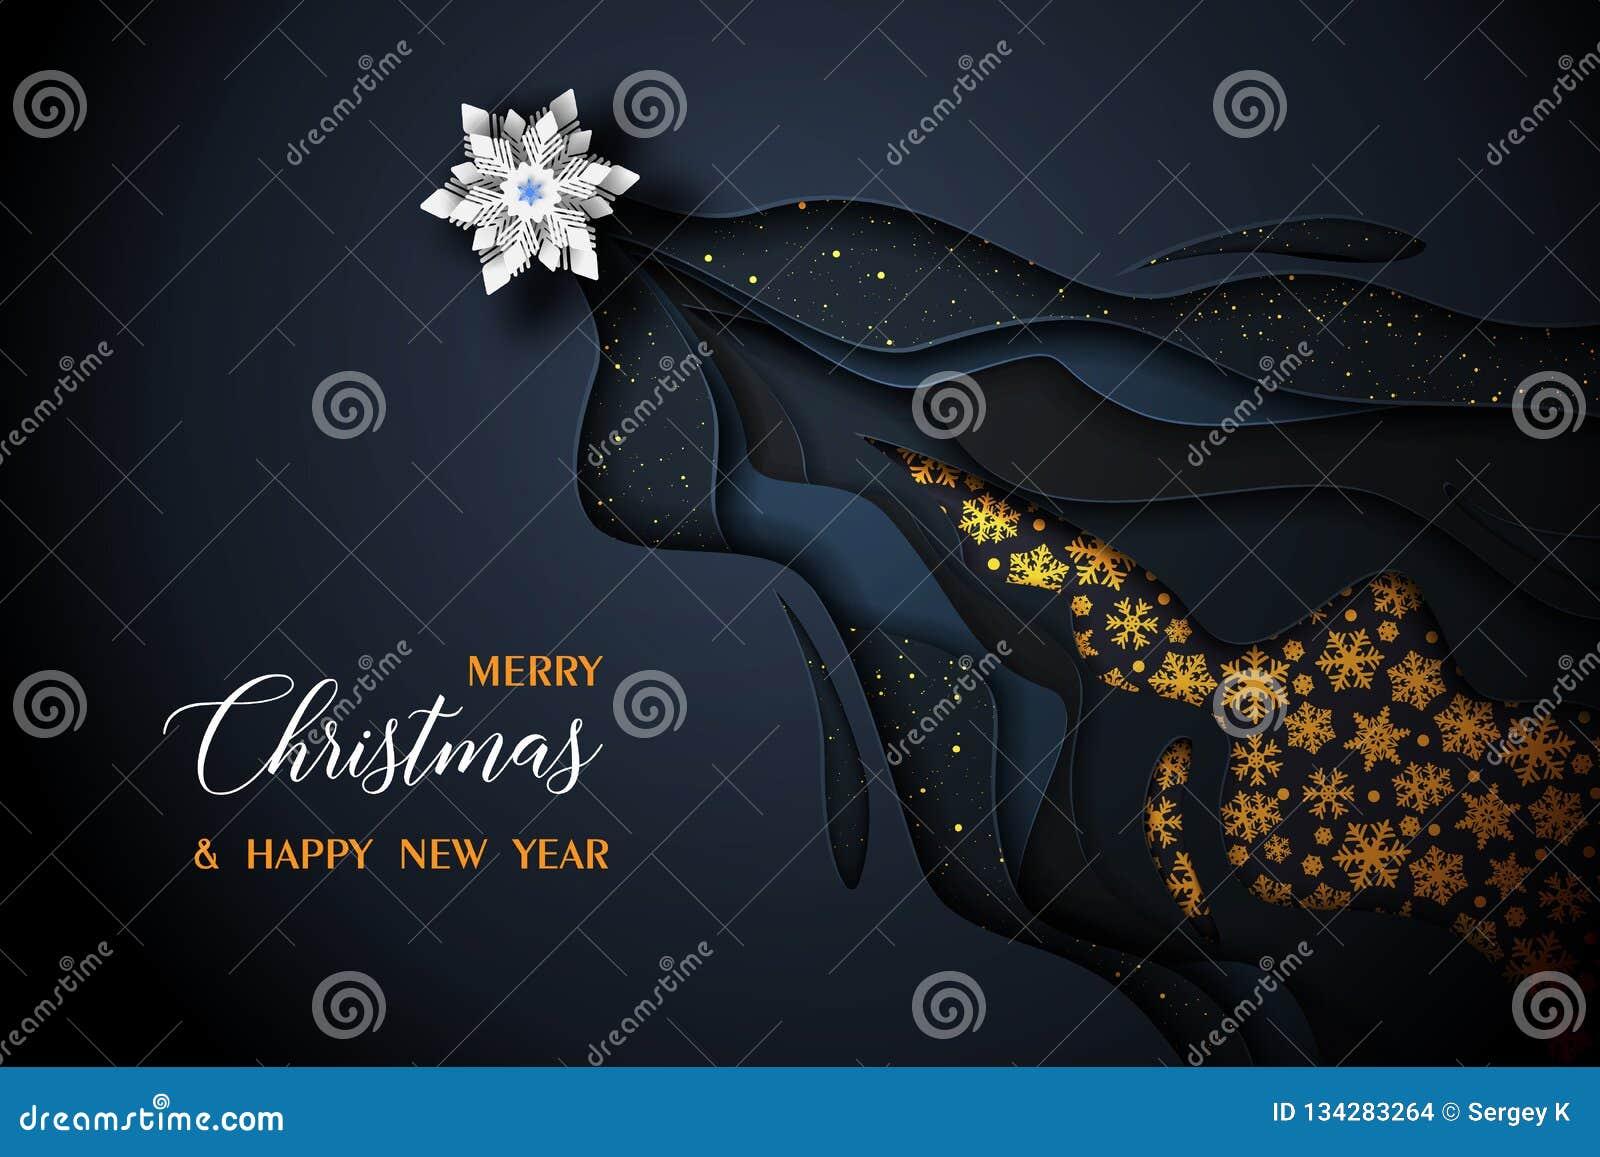 Χαρούμενα Χριστούγεννα και διανυσματικό μαύρο και χρυσό σχέδιο καλής χρονιάς 2019